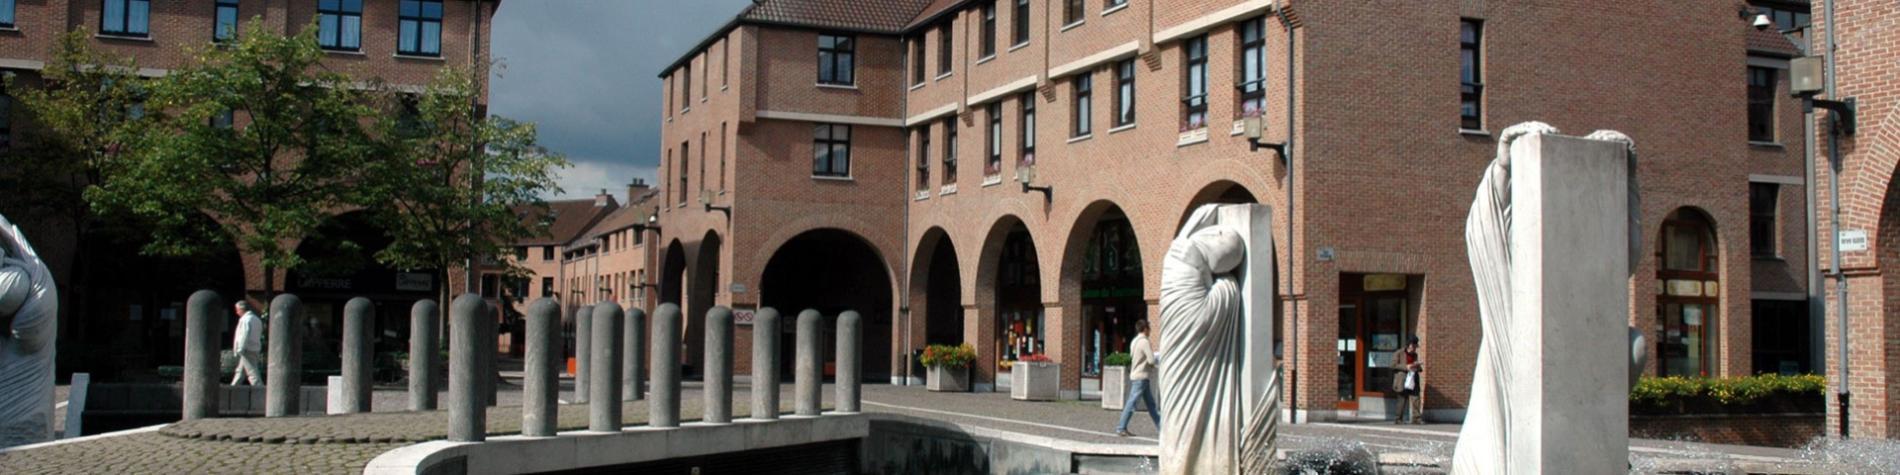 Office du tourisme - Mouscron